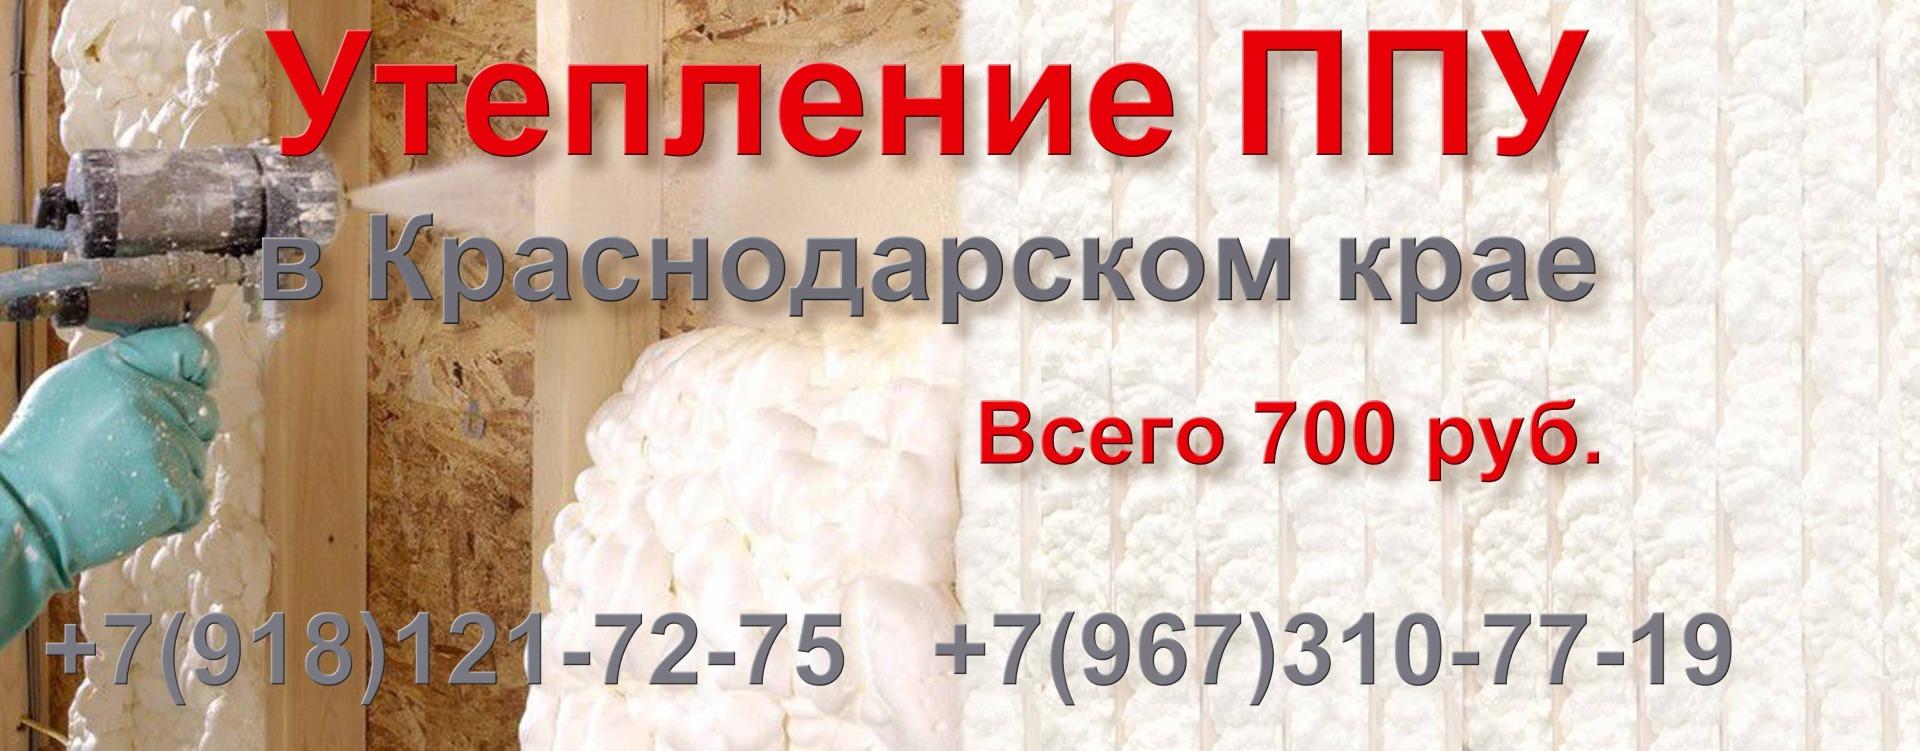 Утепление пенополиуретаном в Краснодарском крае: Кропоткин, Гулькевичи, Армавир, Курганинск, Лабинск, Сочи, Анапа, Новороссийск, Геленджик